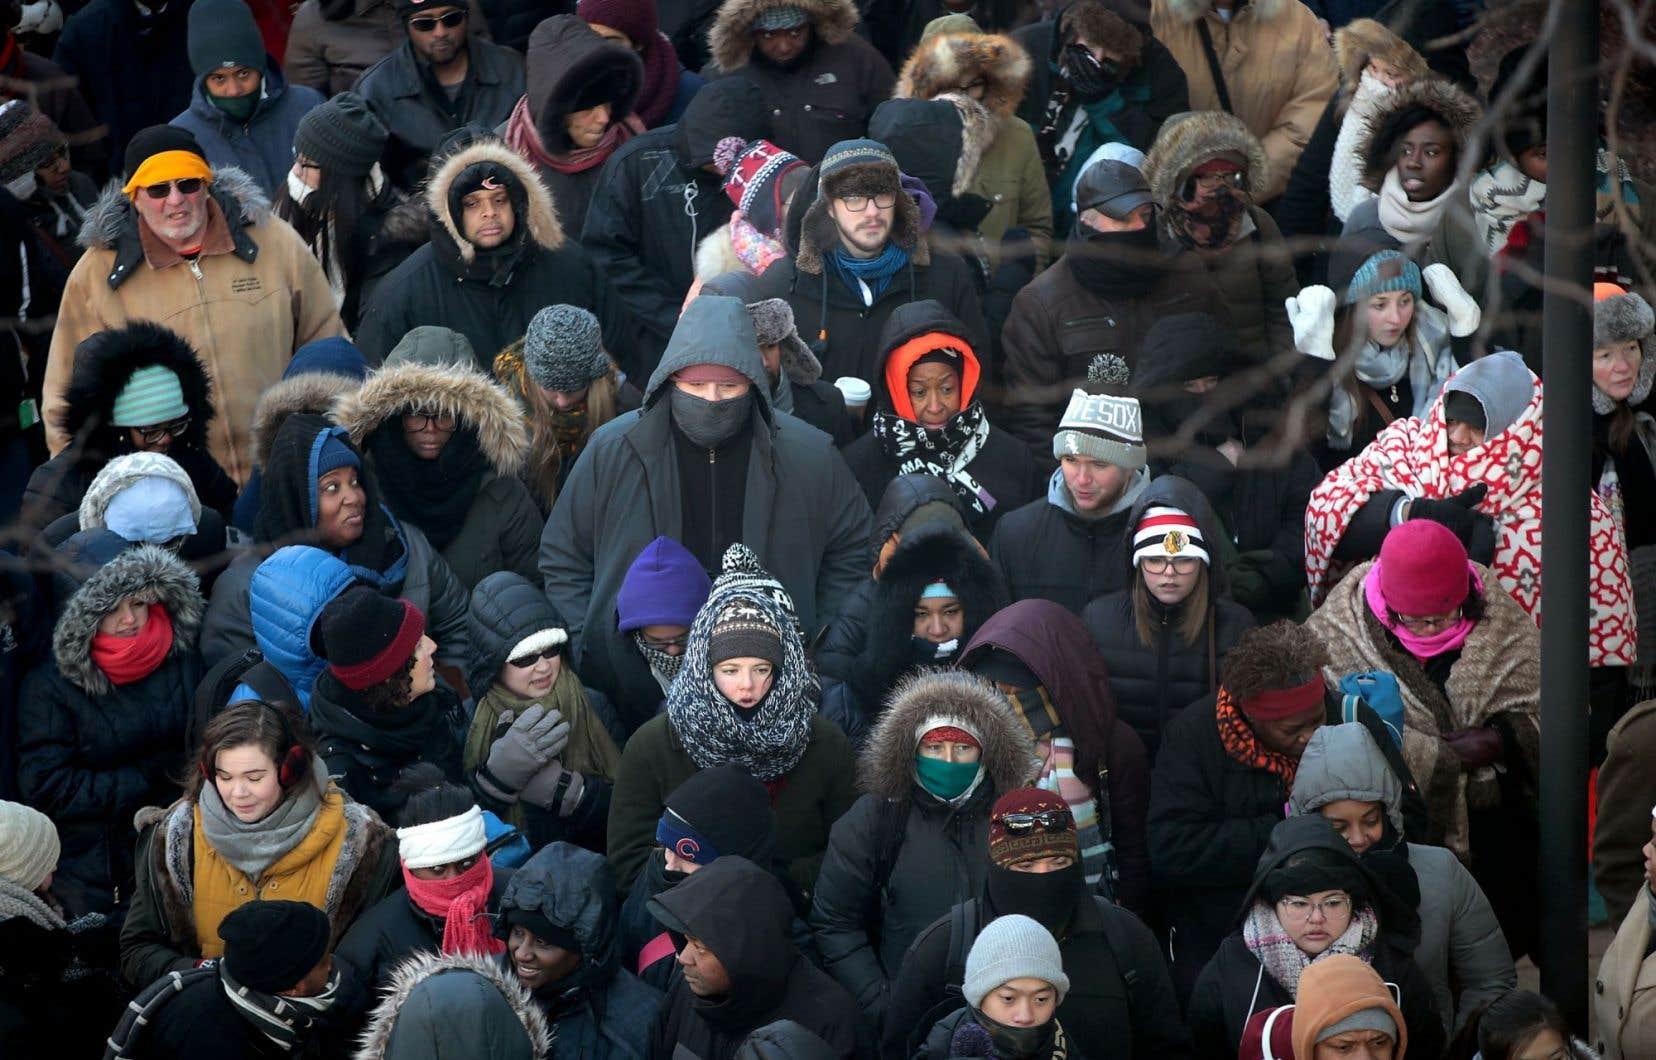 Les gens ont fait la file pendans plusieurs heures afin d'obtenir un laisser-passer pour le discours d'adieux du président Barack Obama.